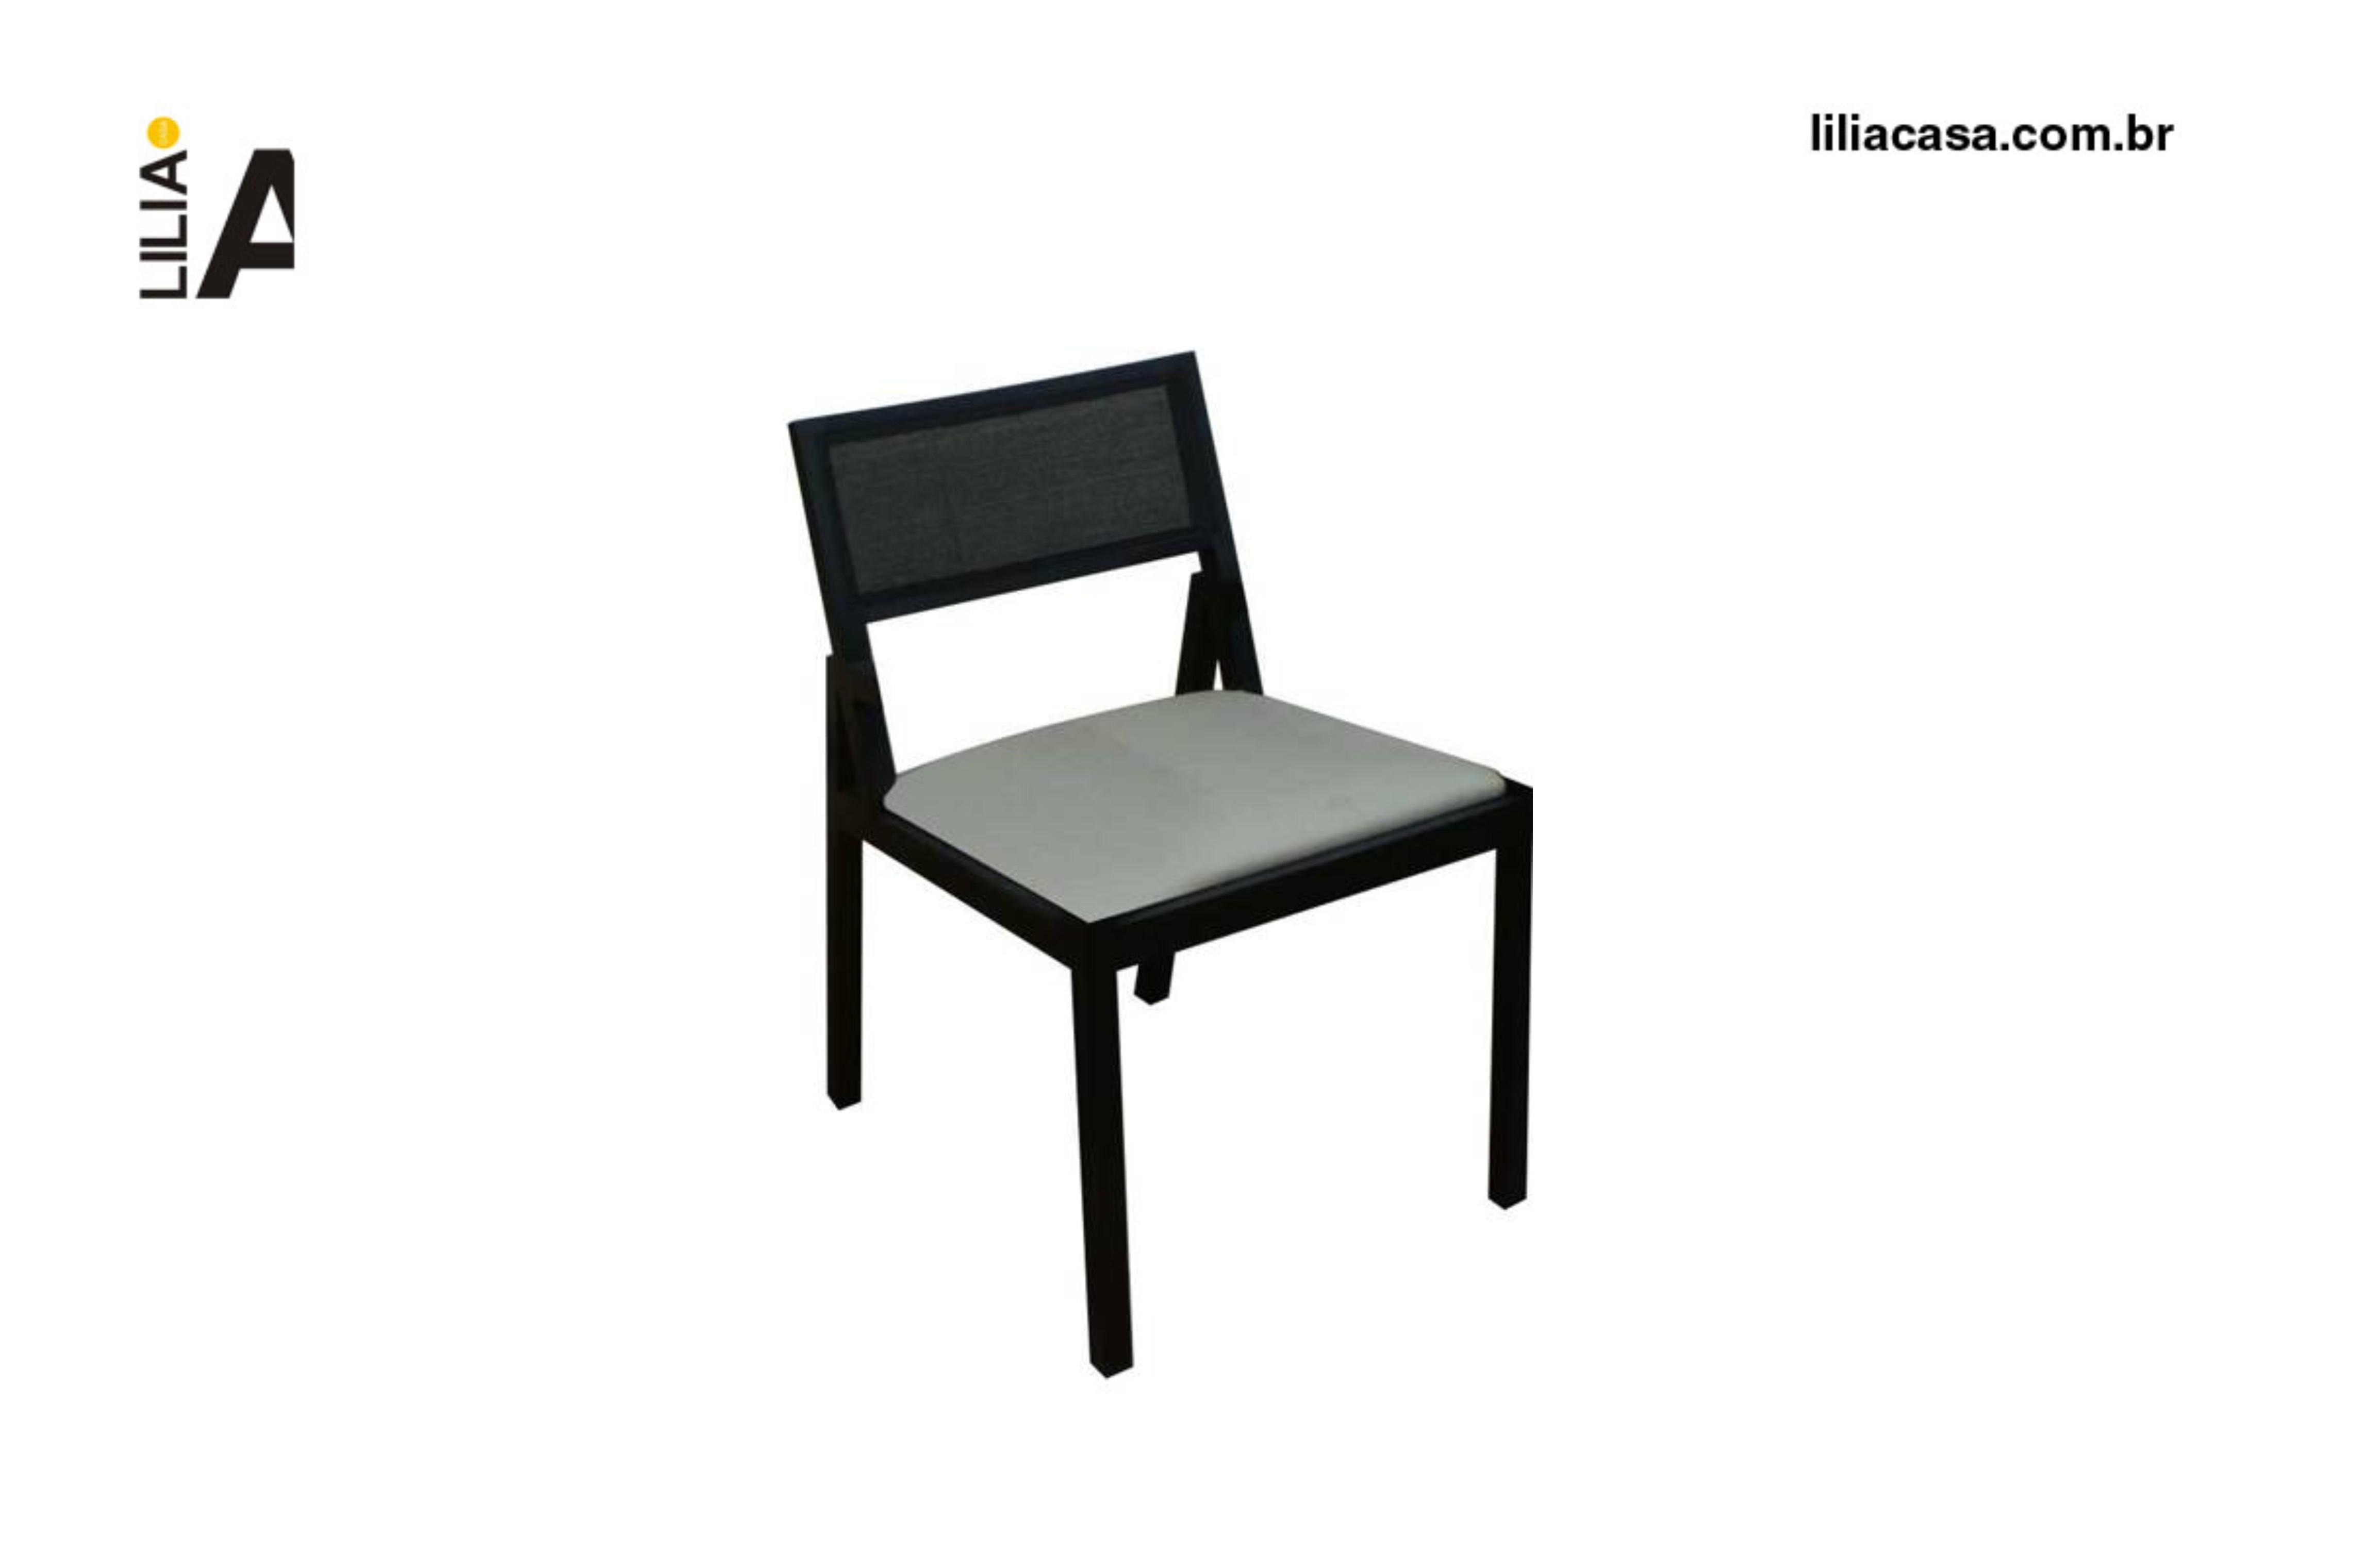 Cadeira Bossa s braço